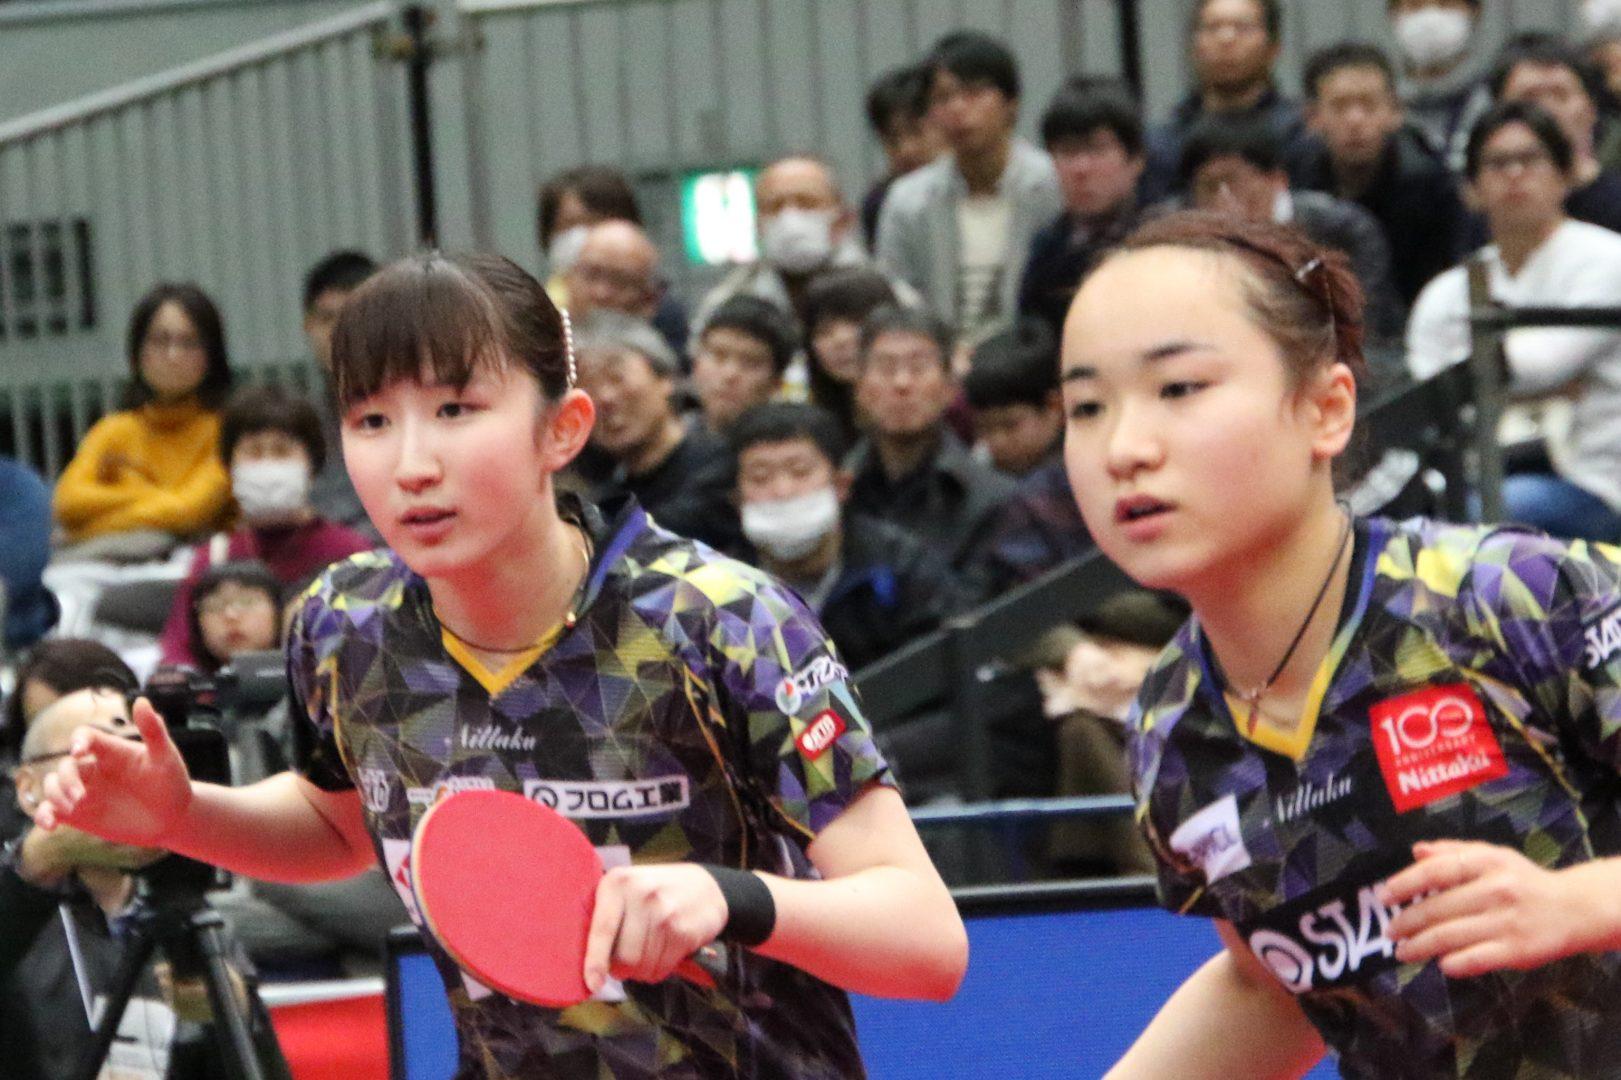 【速報】伊藤・早田ペア、3年連続の決勝進出 3連覇まであとひとつ<全日本卓球2020>